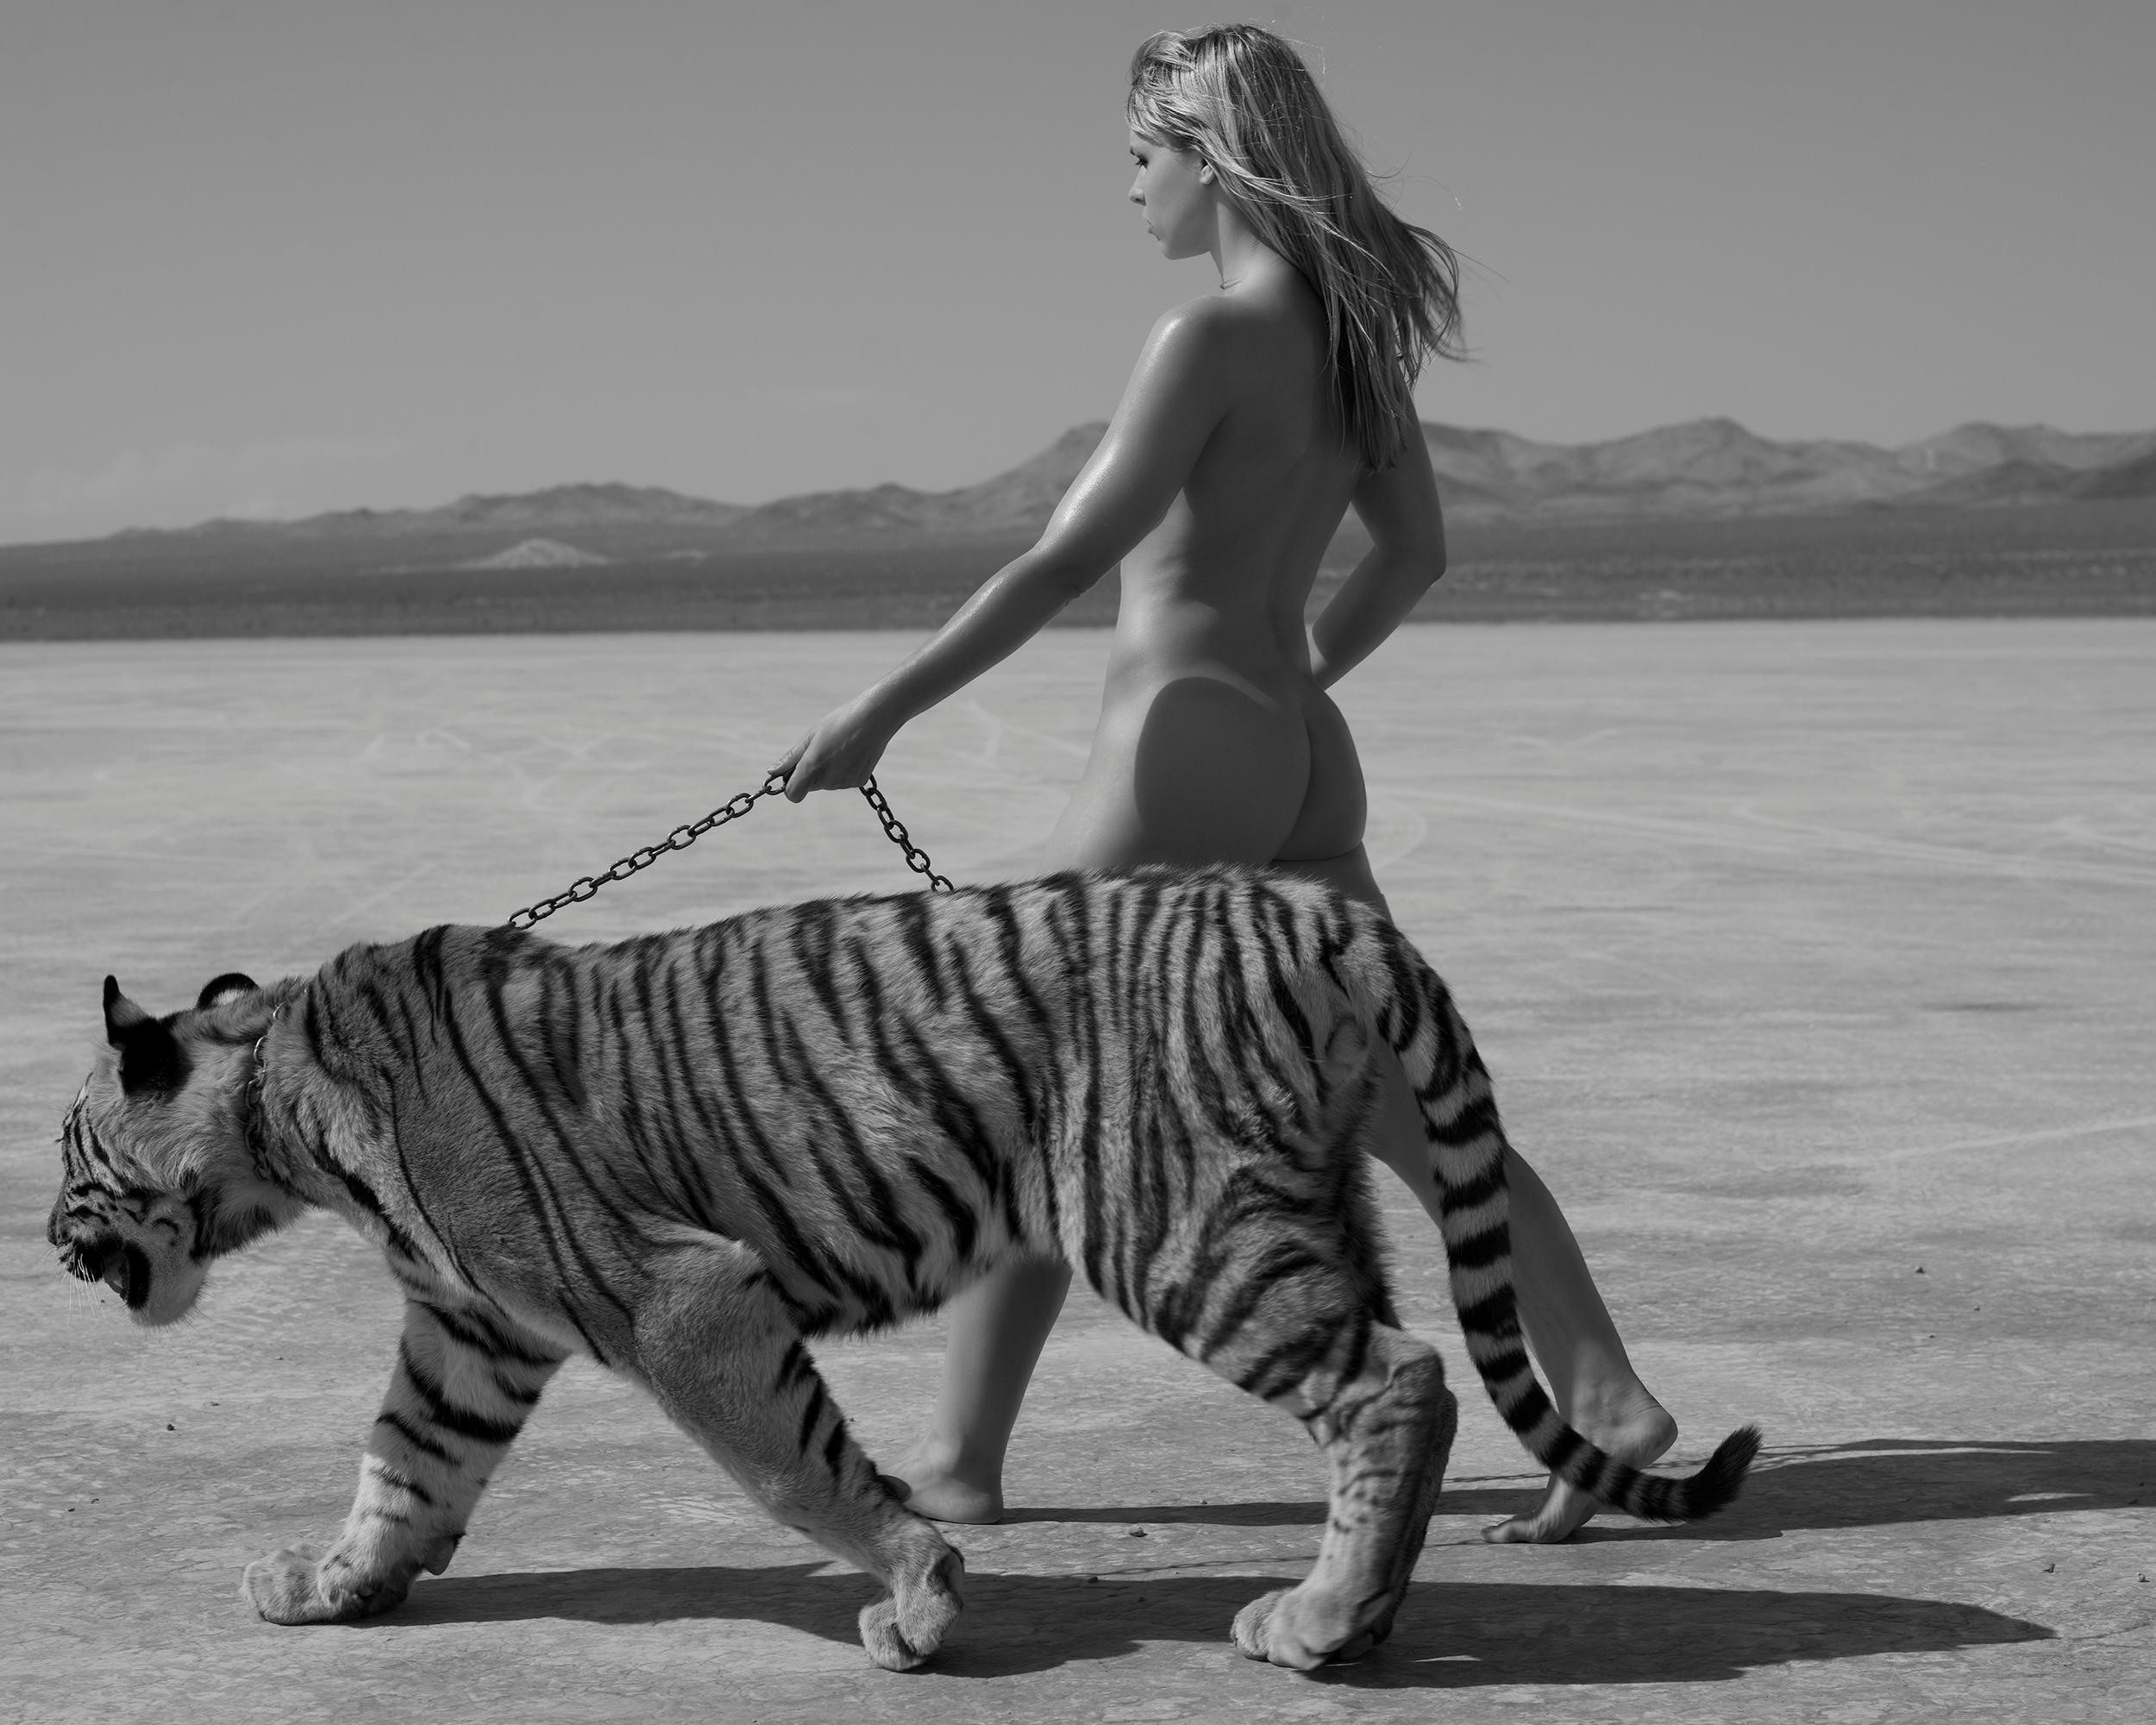 Shaikia, 2008, 21st century, contemporary, photography